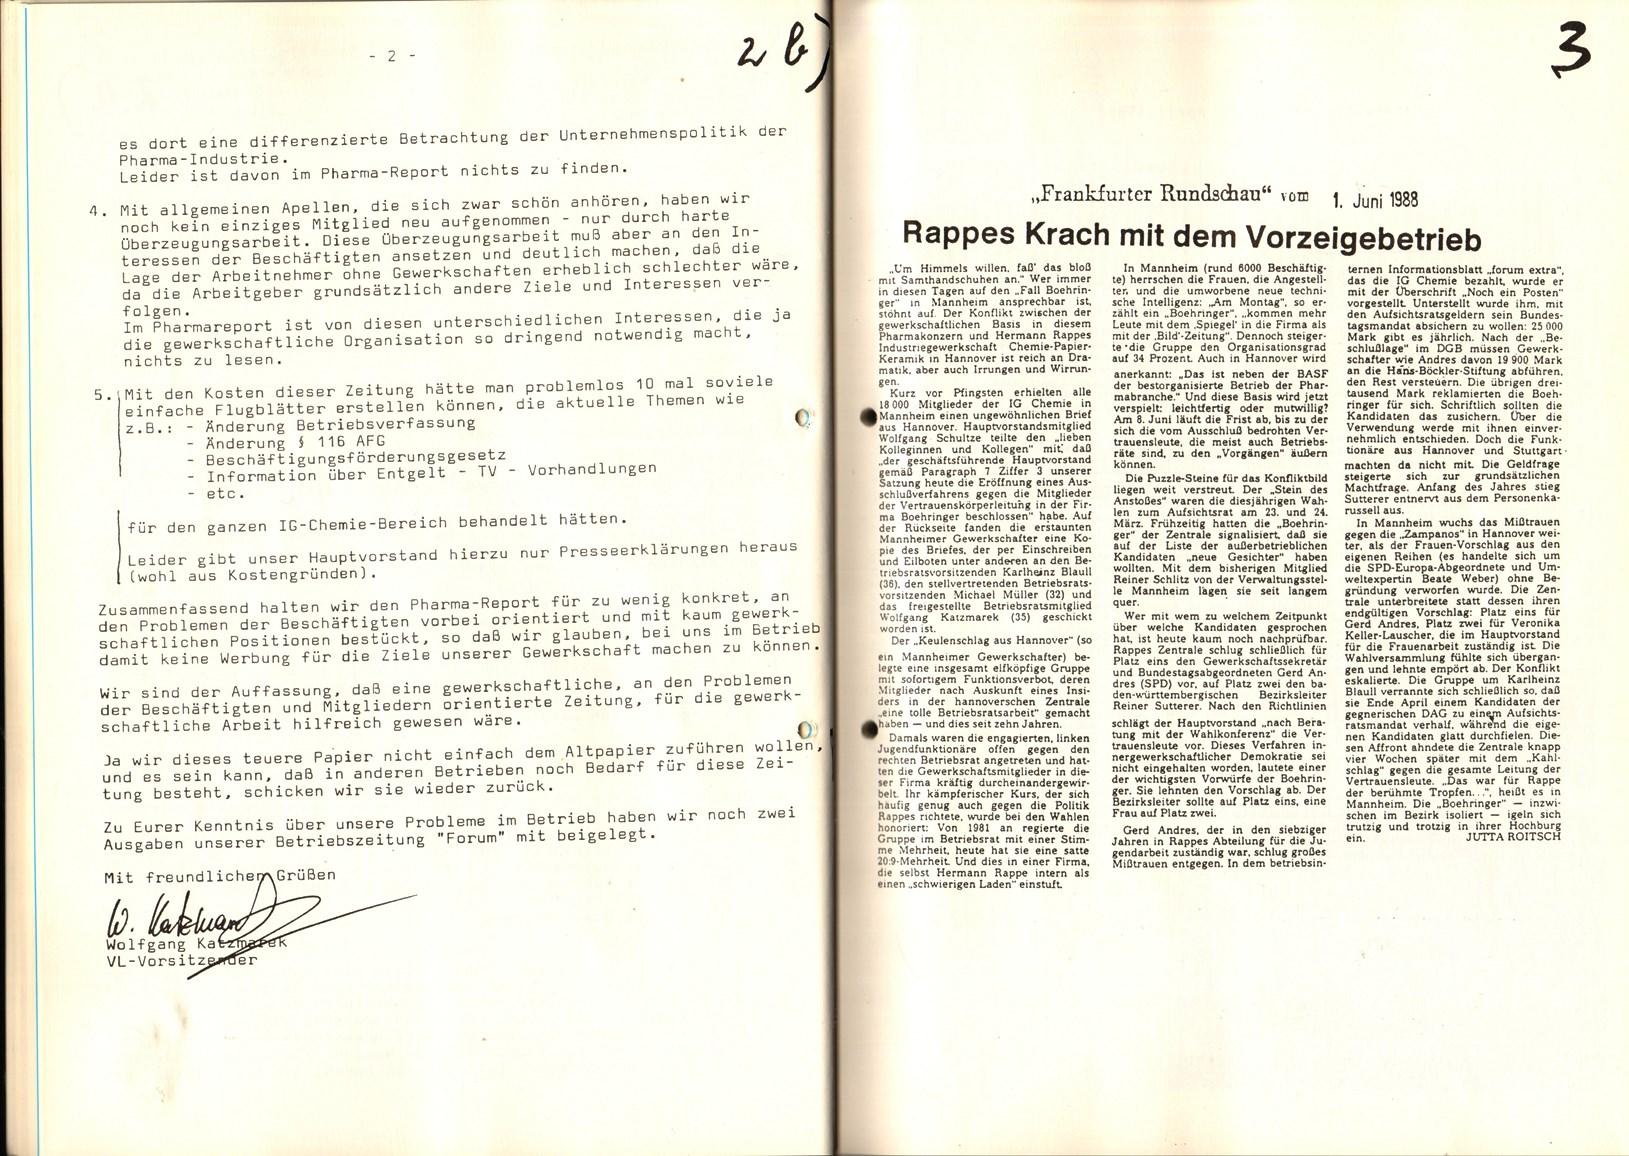 Mannheim_Boehringer_Ausschluss_VKL_Doku1_1988_23